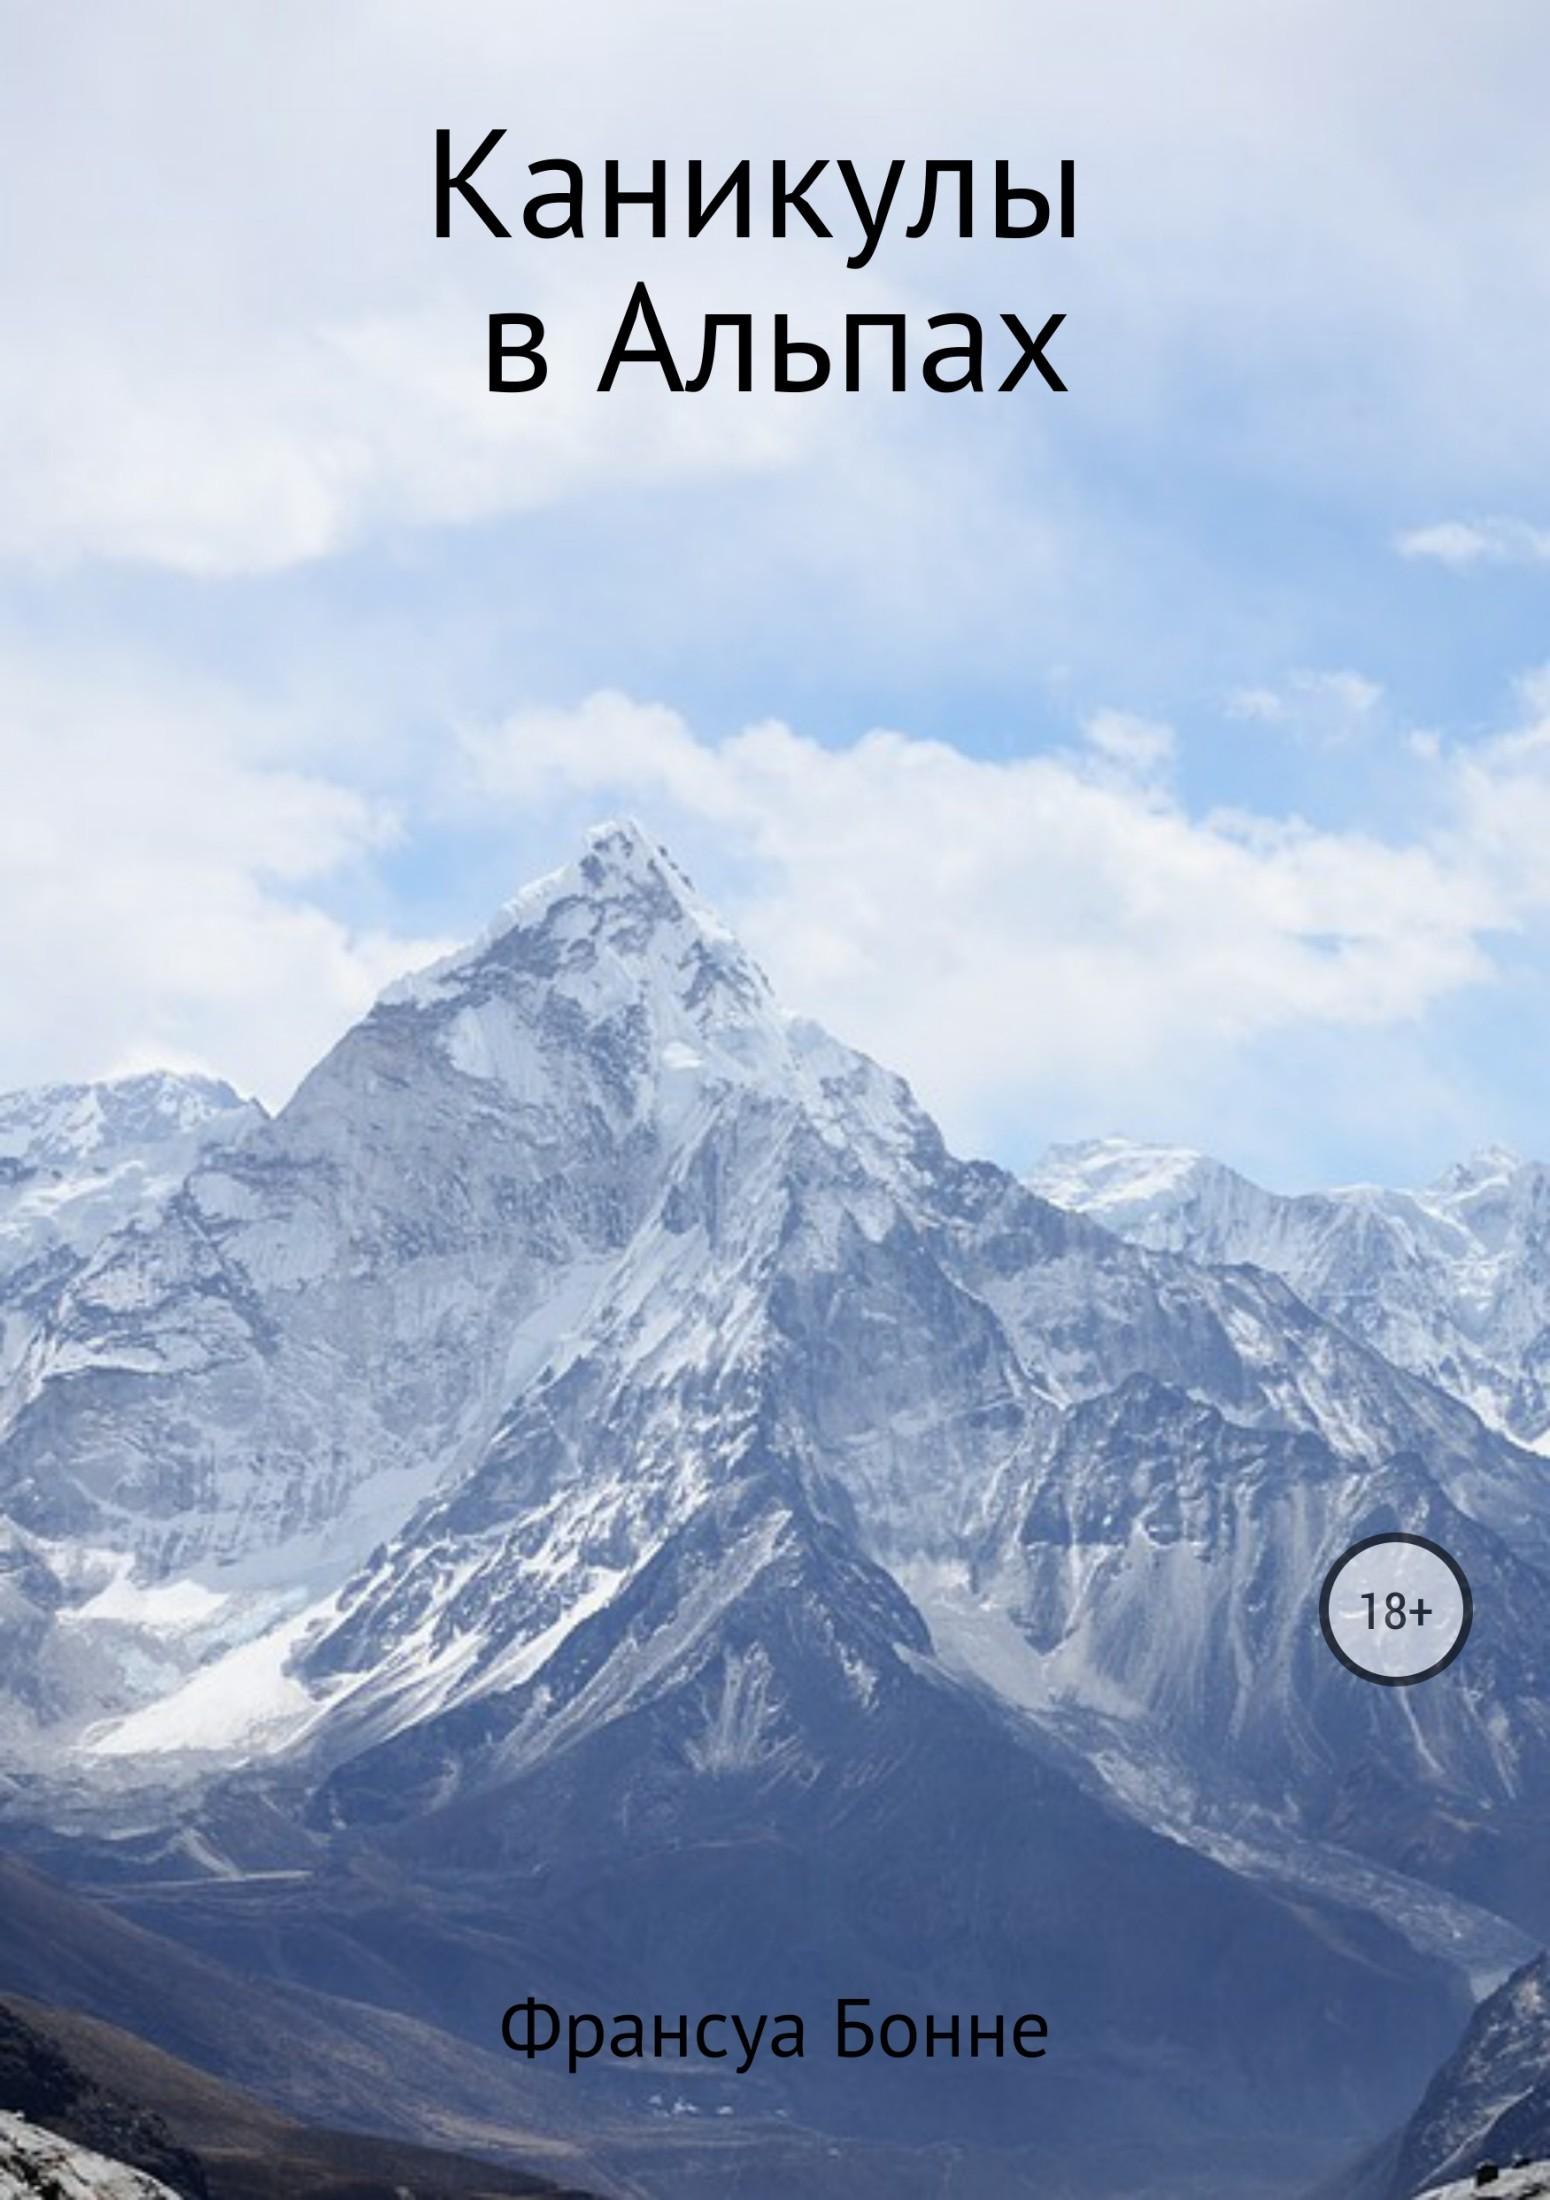 Франсуа Бонне Каникулы в Альпах франсуа бонне каникулы в альпах